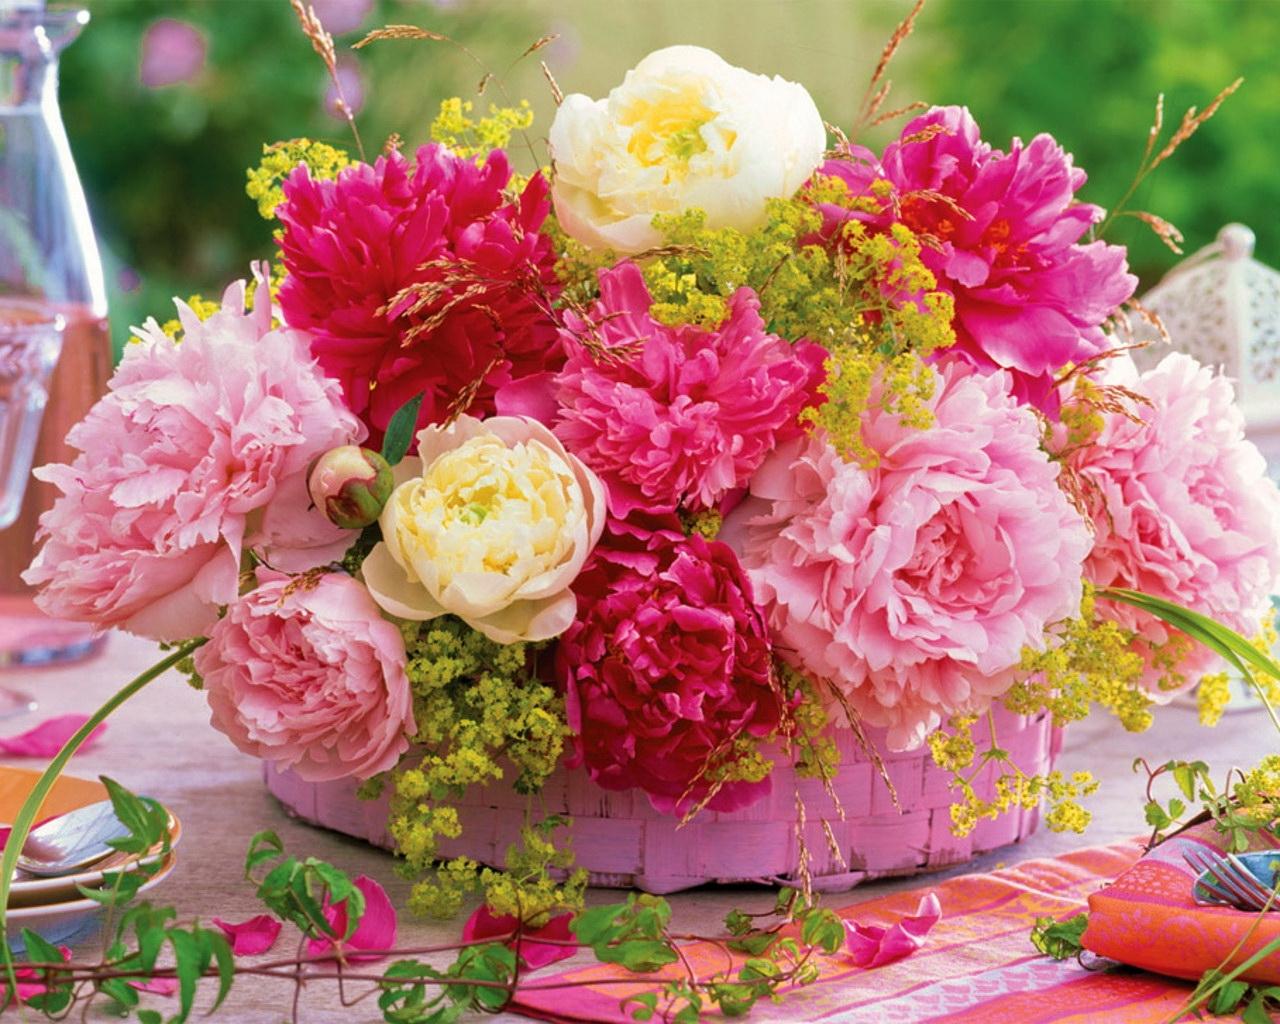 بالصور صور احدث صور ورود طبيعية صور ورد طبيعى باقات ورد احمر , زهور طبيعية 4163 8